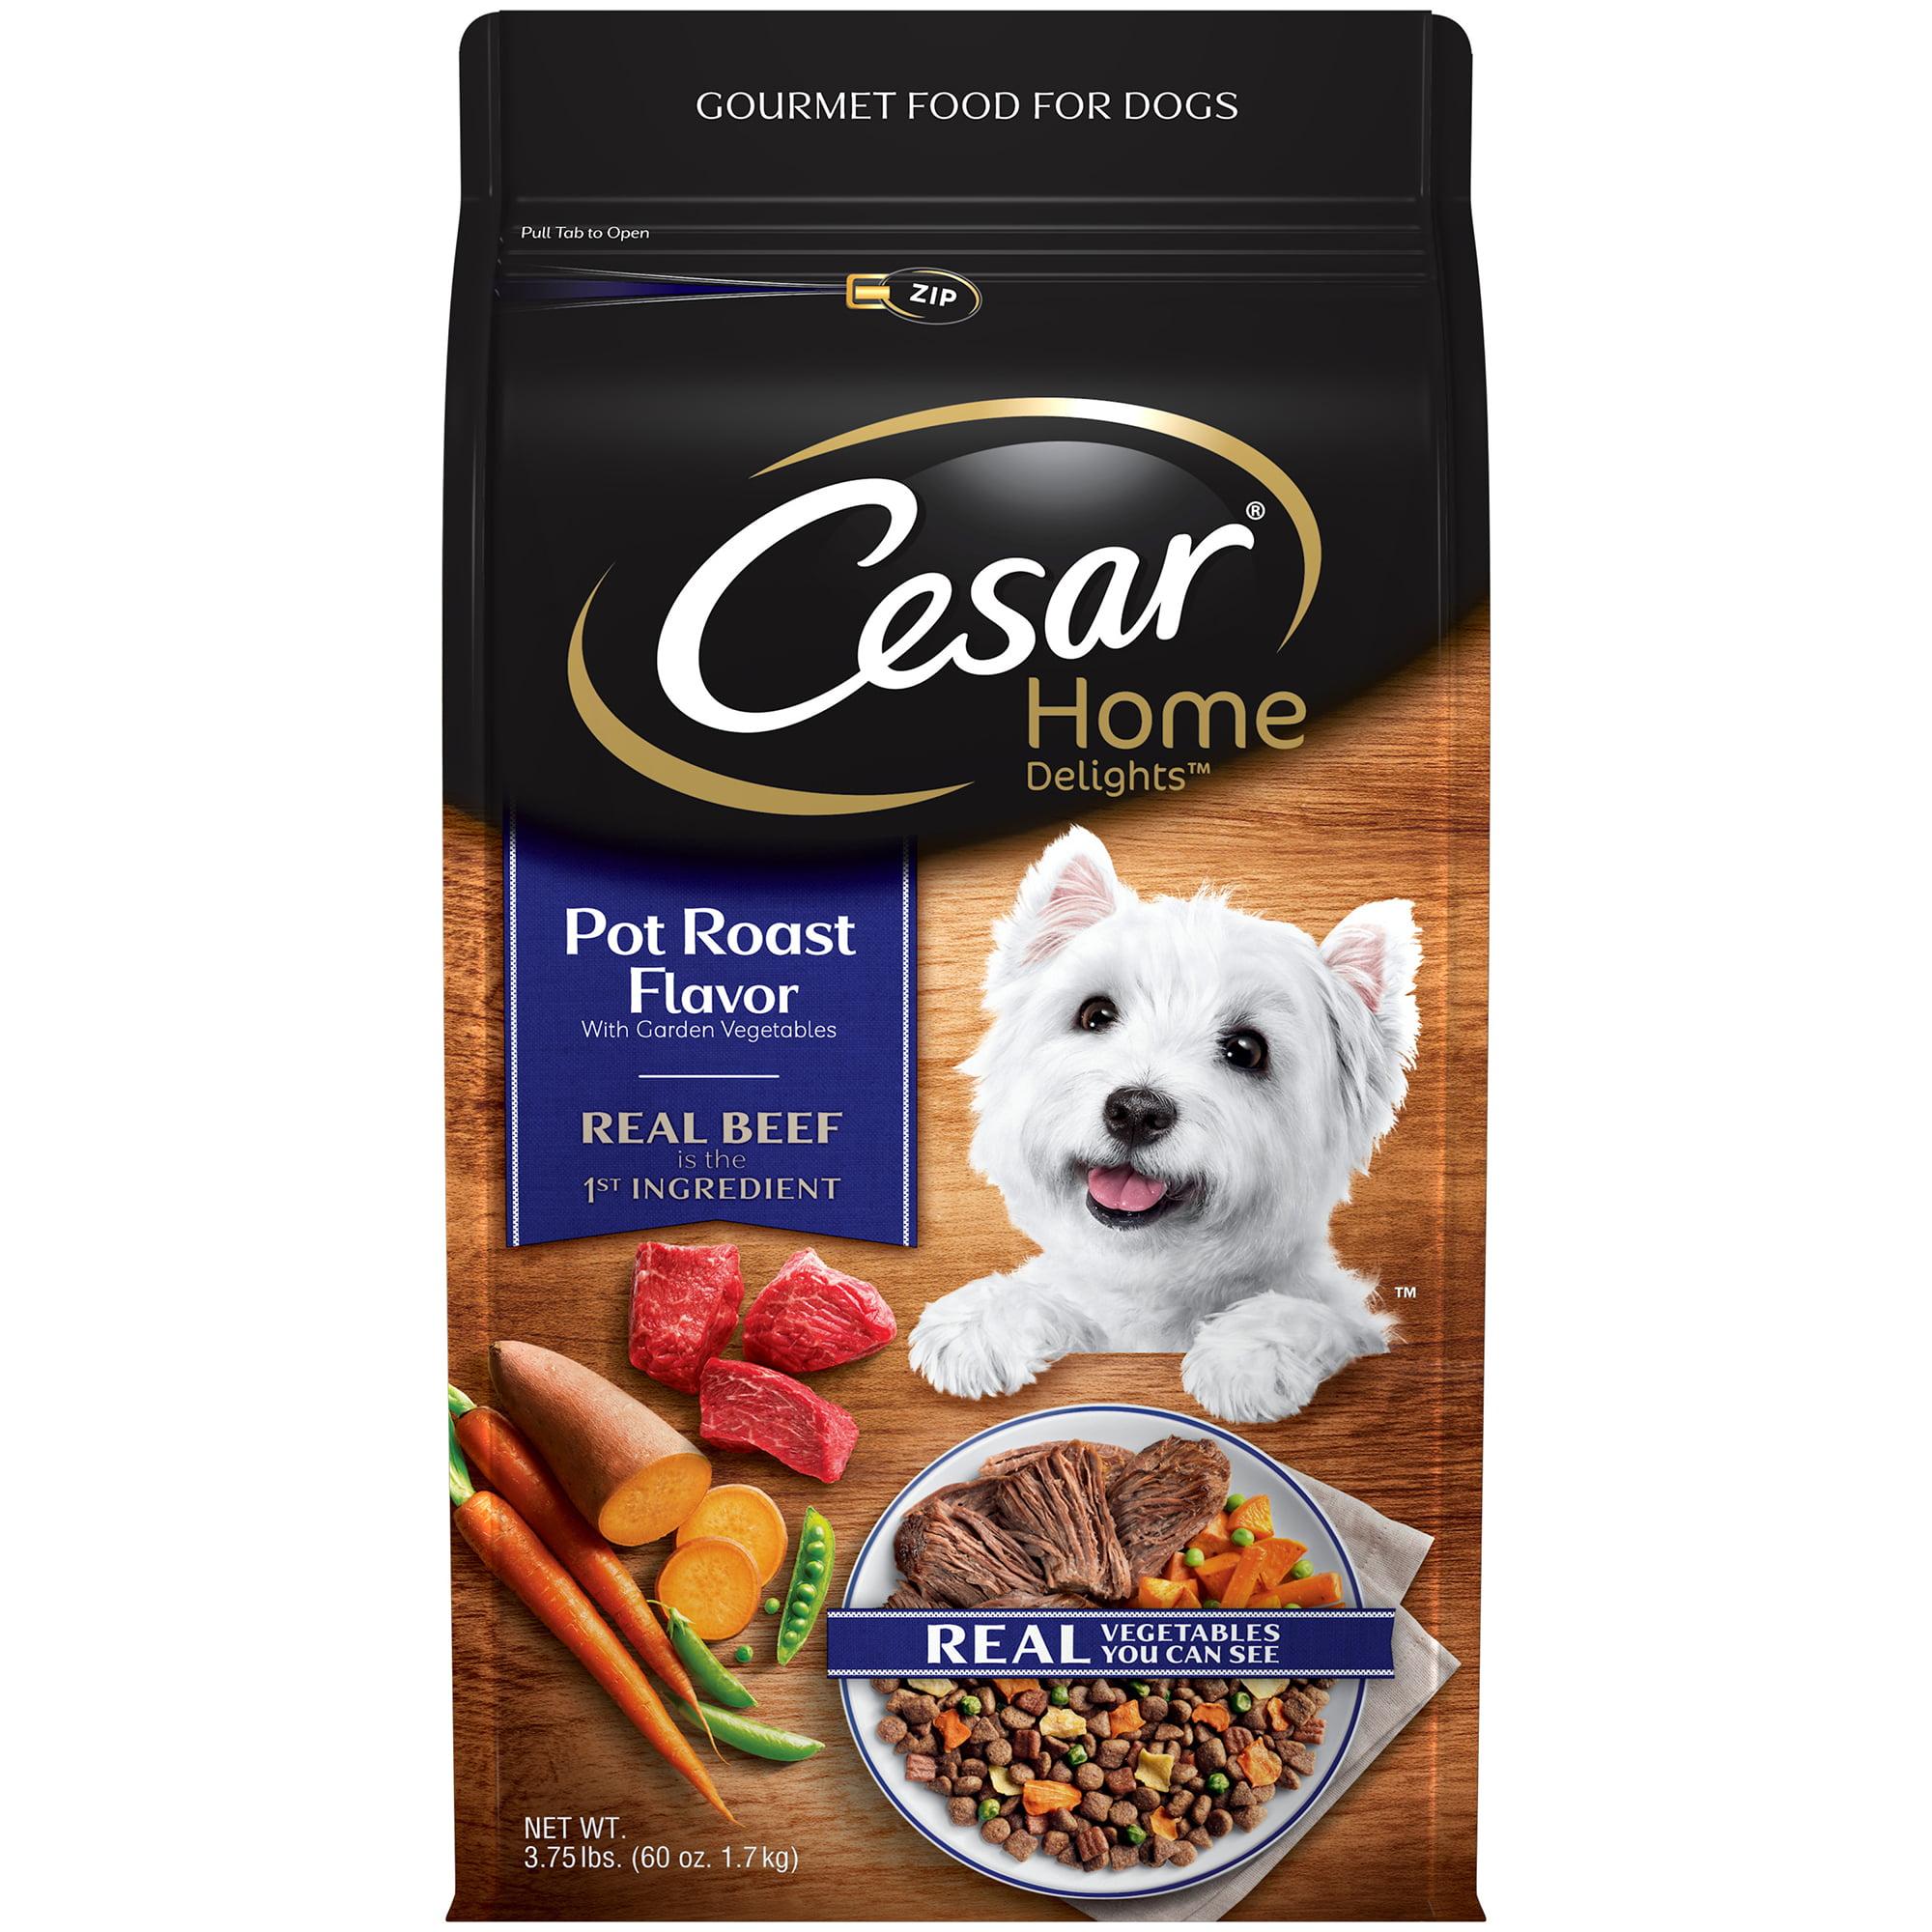 Cesar Home Delights Dry Dog Food Pot Roast Flavor with Garden Vegetables, 3.75 lb. Bag